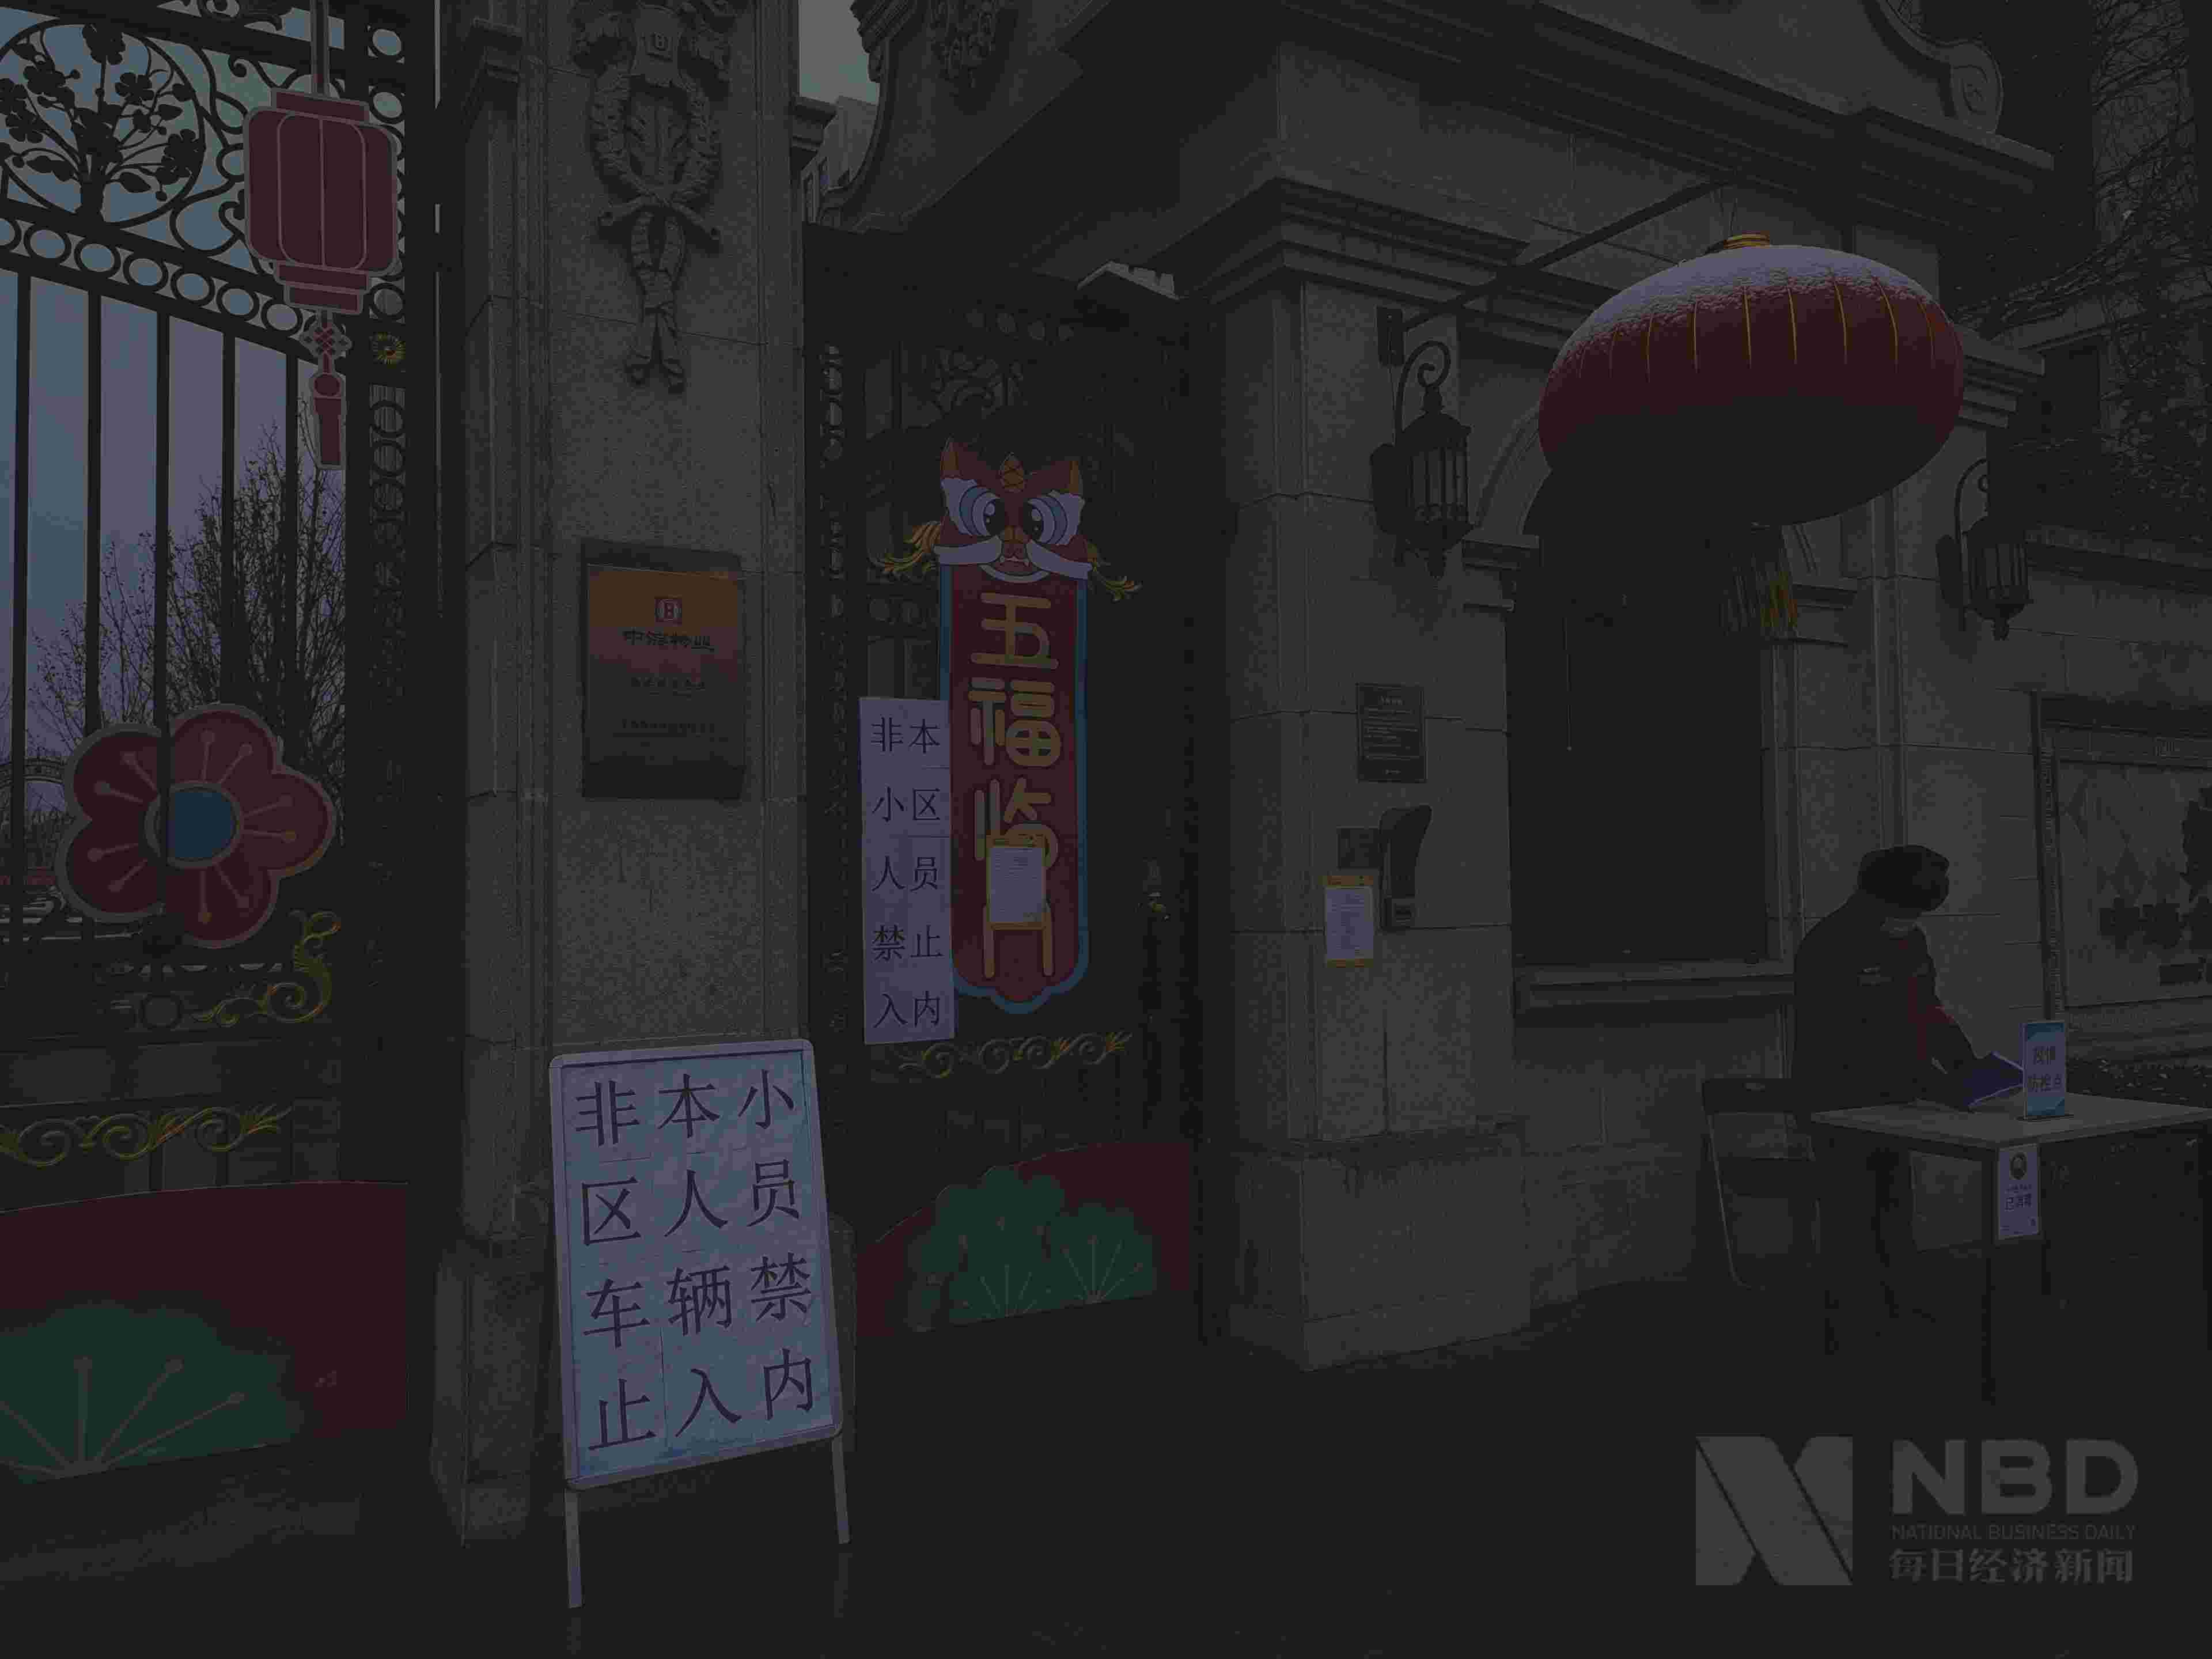 疫情下的北京返程租客:如實填報信息或被拒之門外,只能二選一-企一網